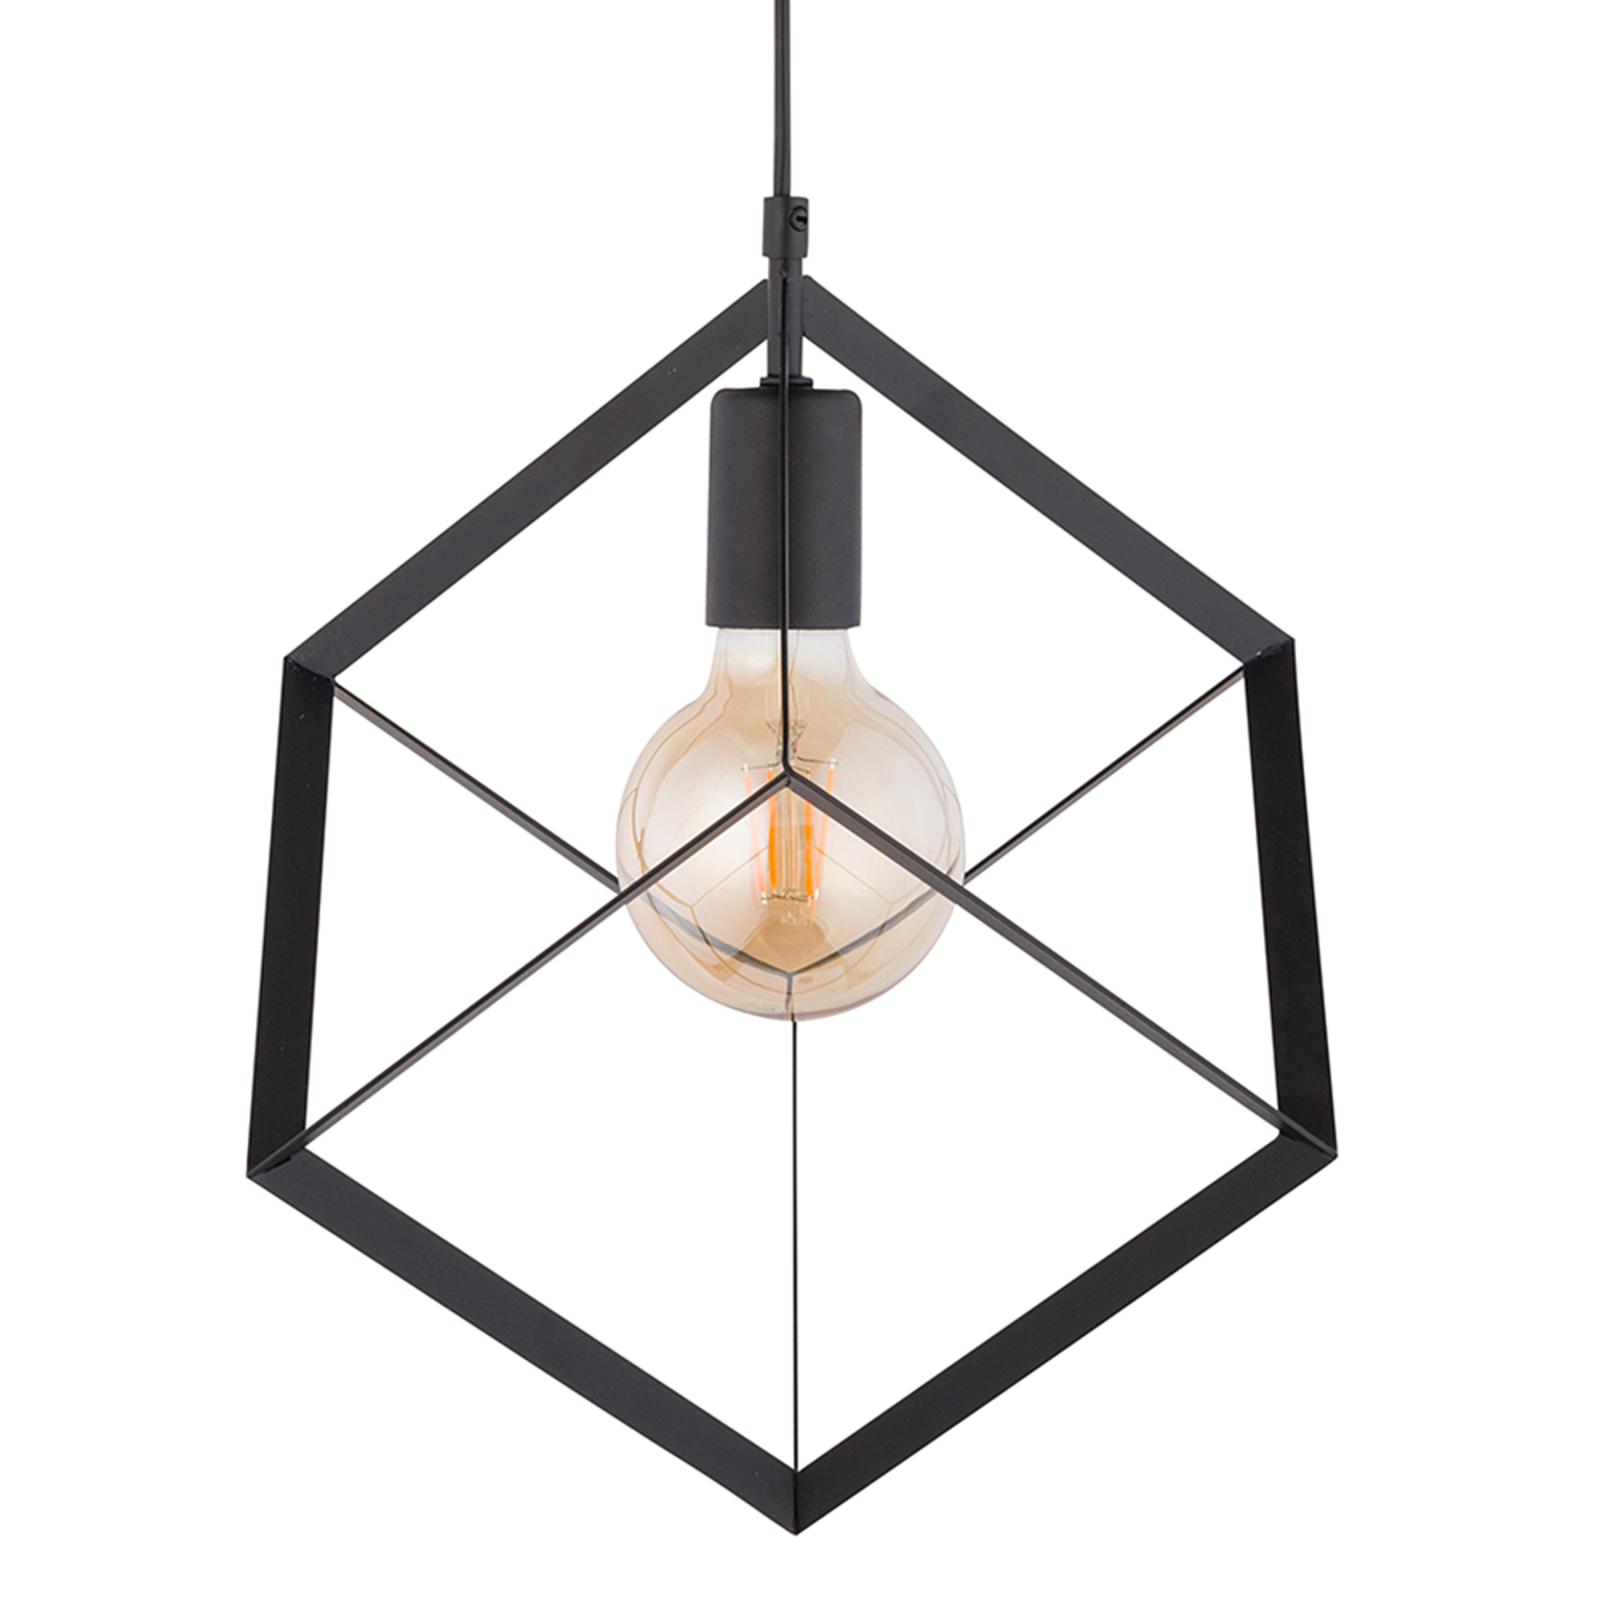 Hängeleuchte Cube 1 mit Metallwürfel, einflammig